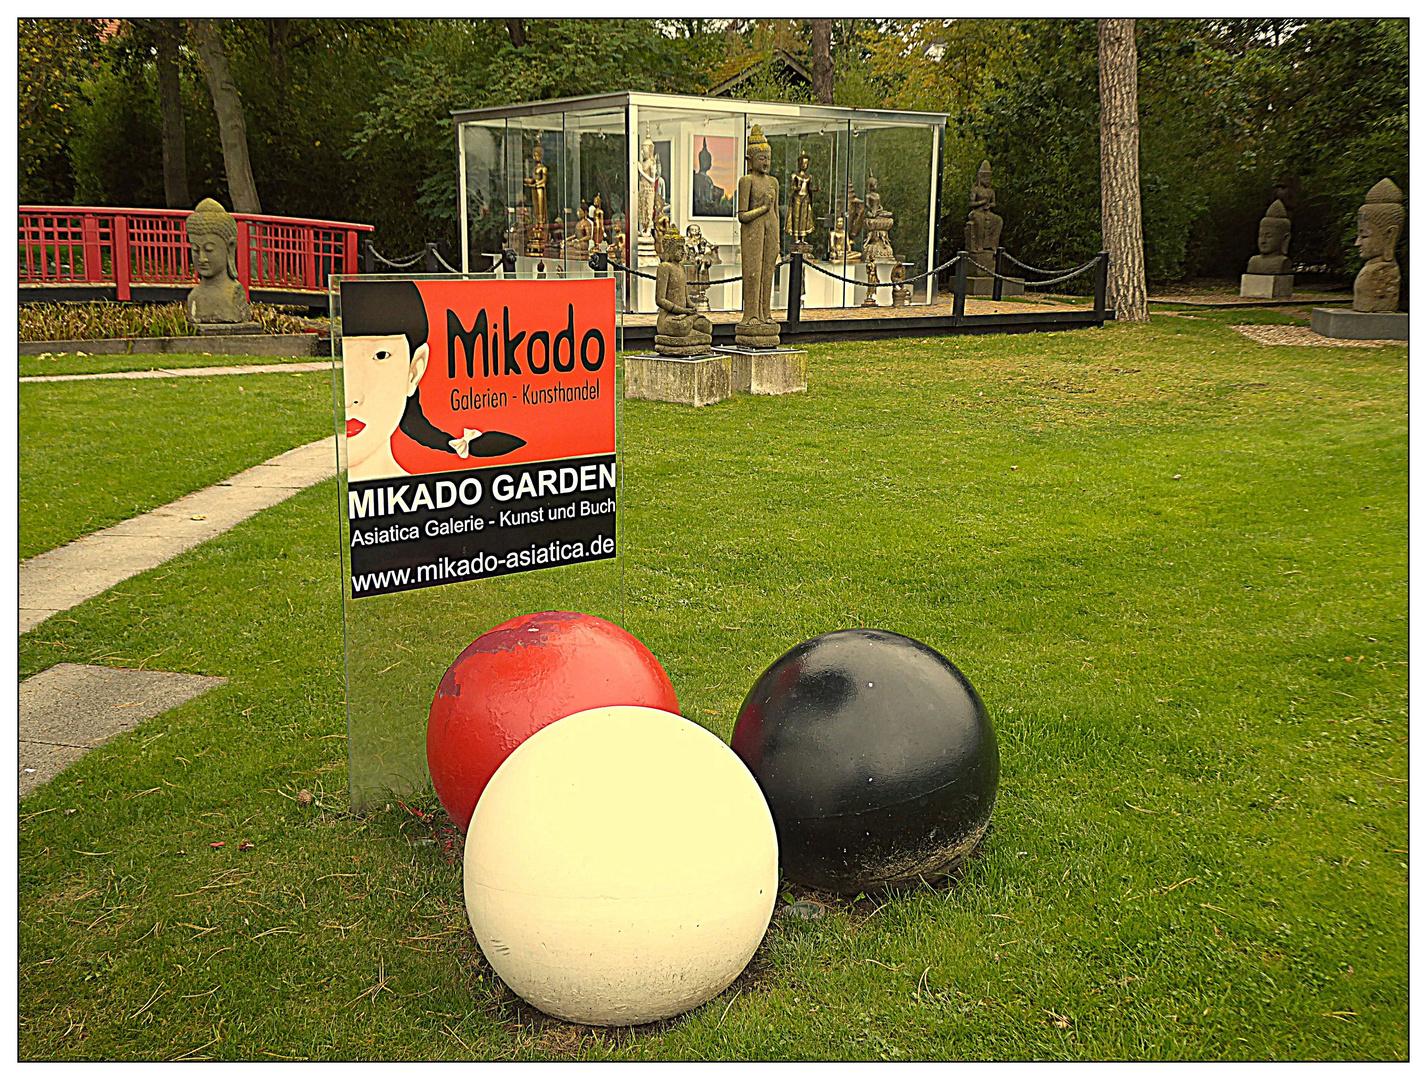 Mikado Garden